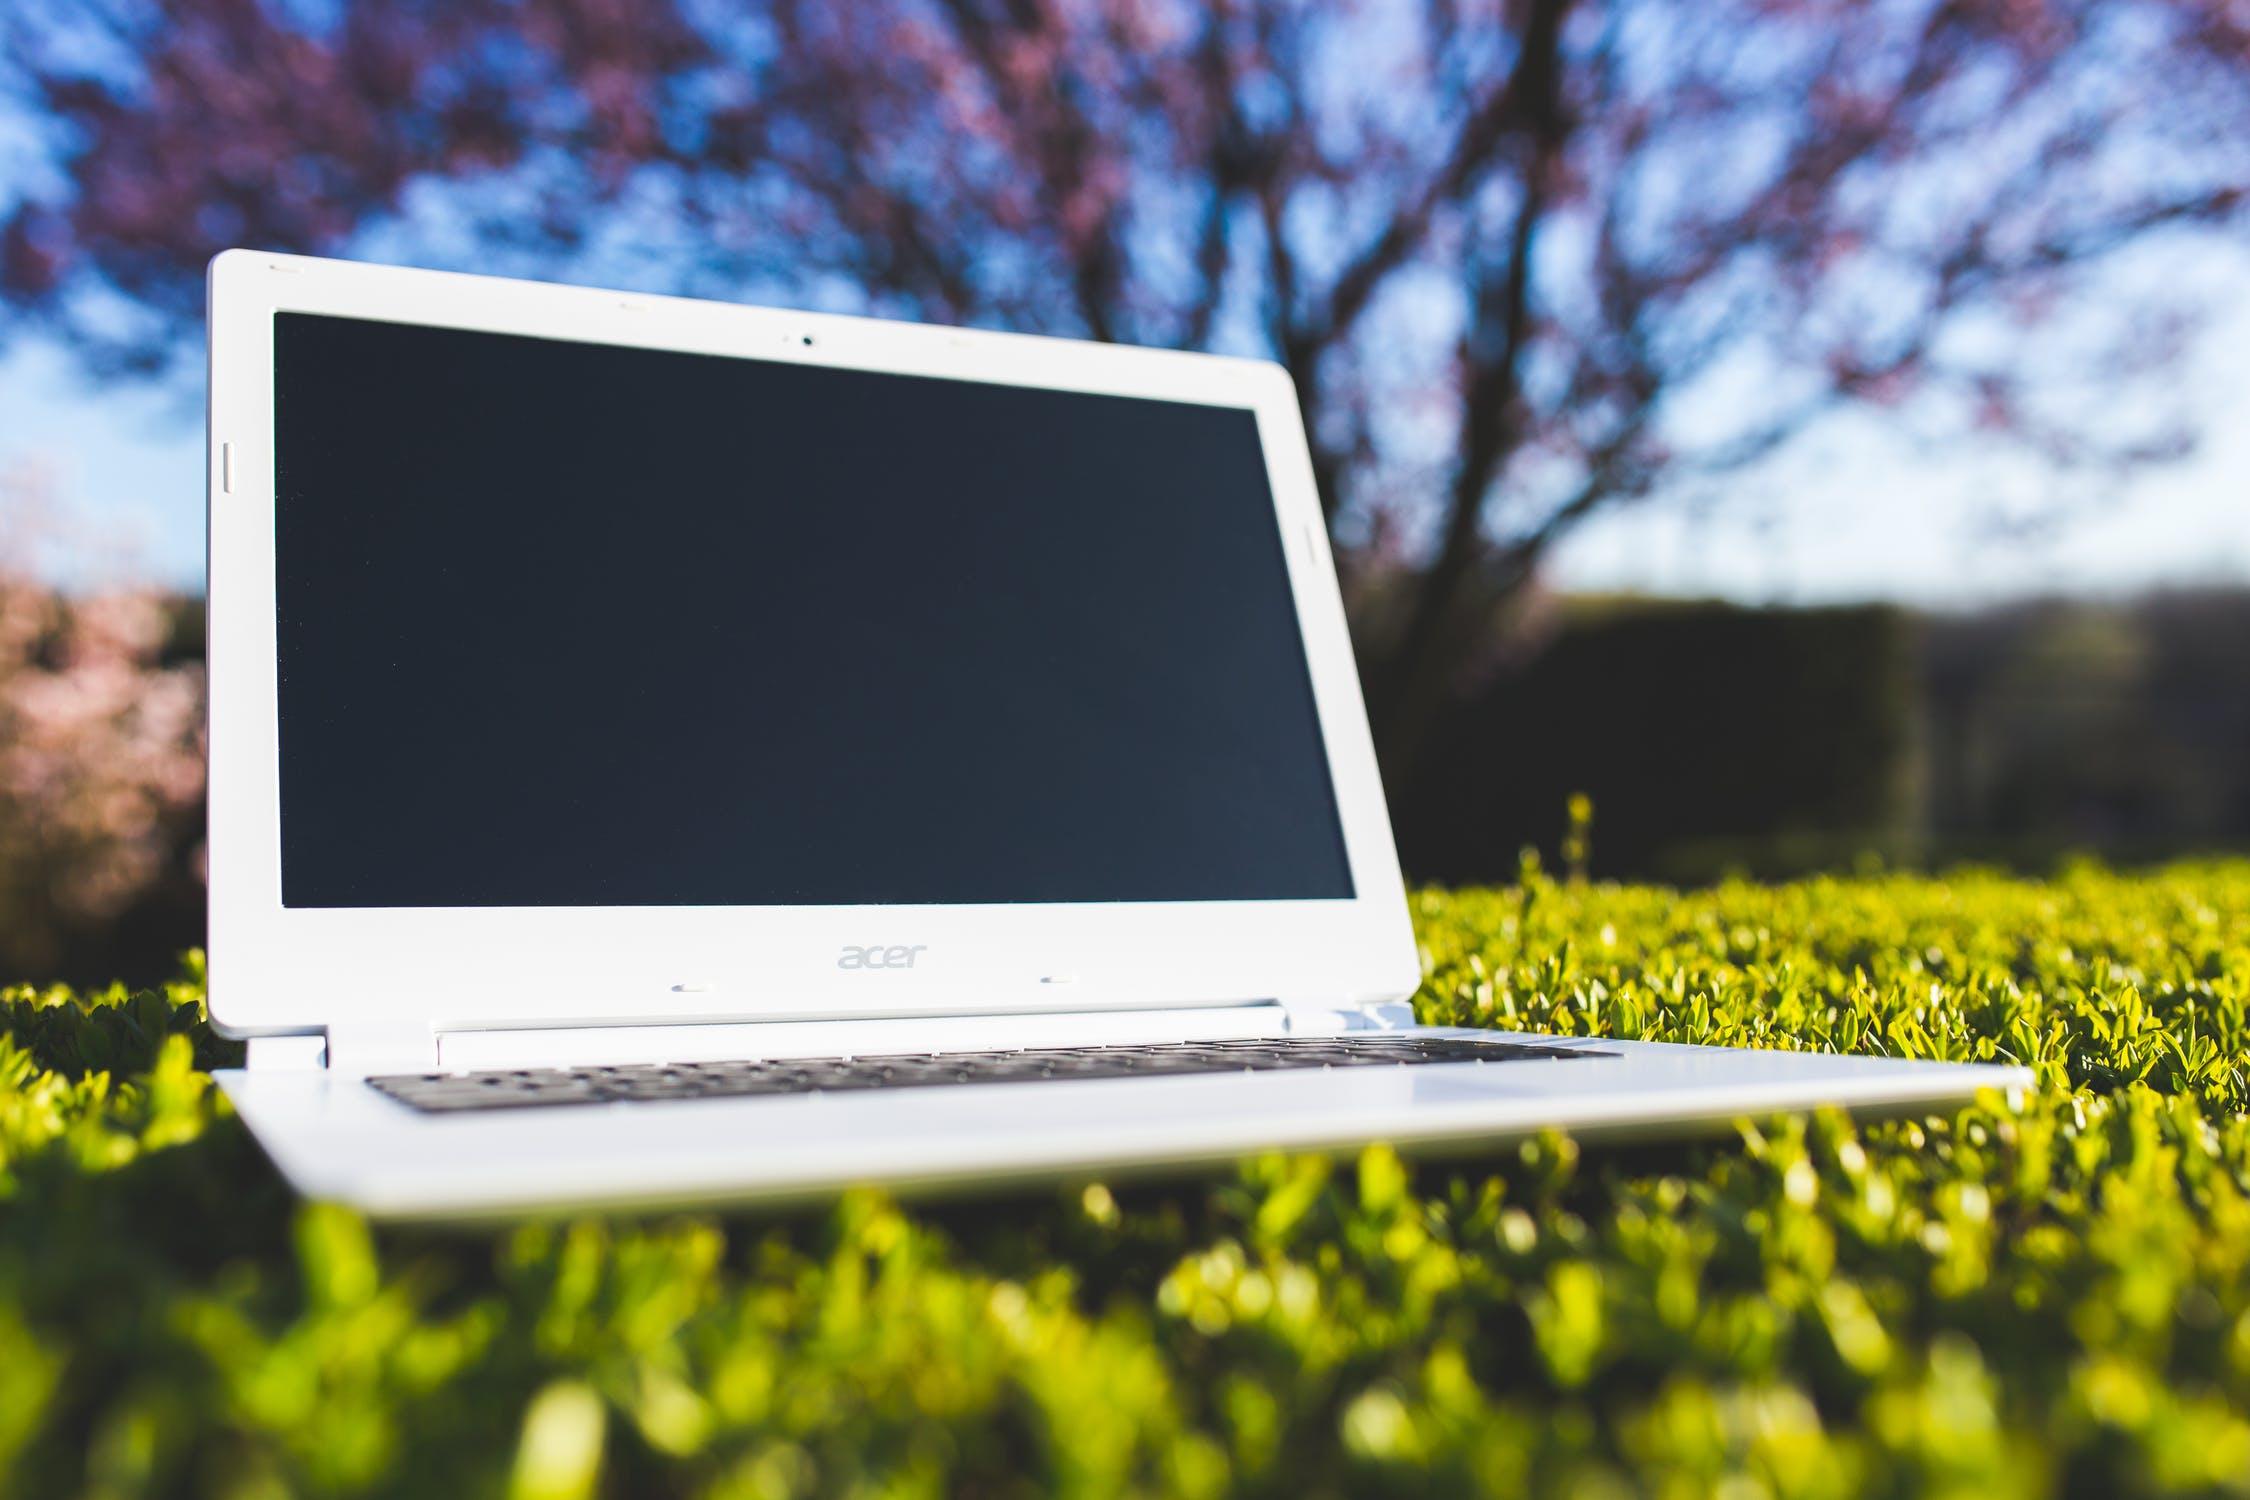 computer-i-haven